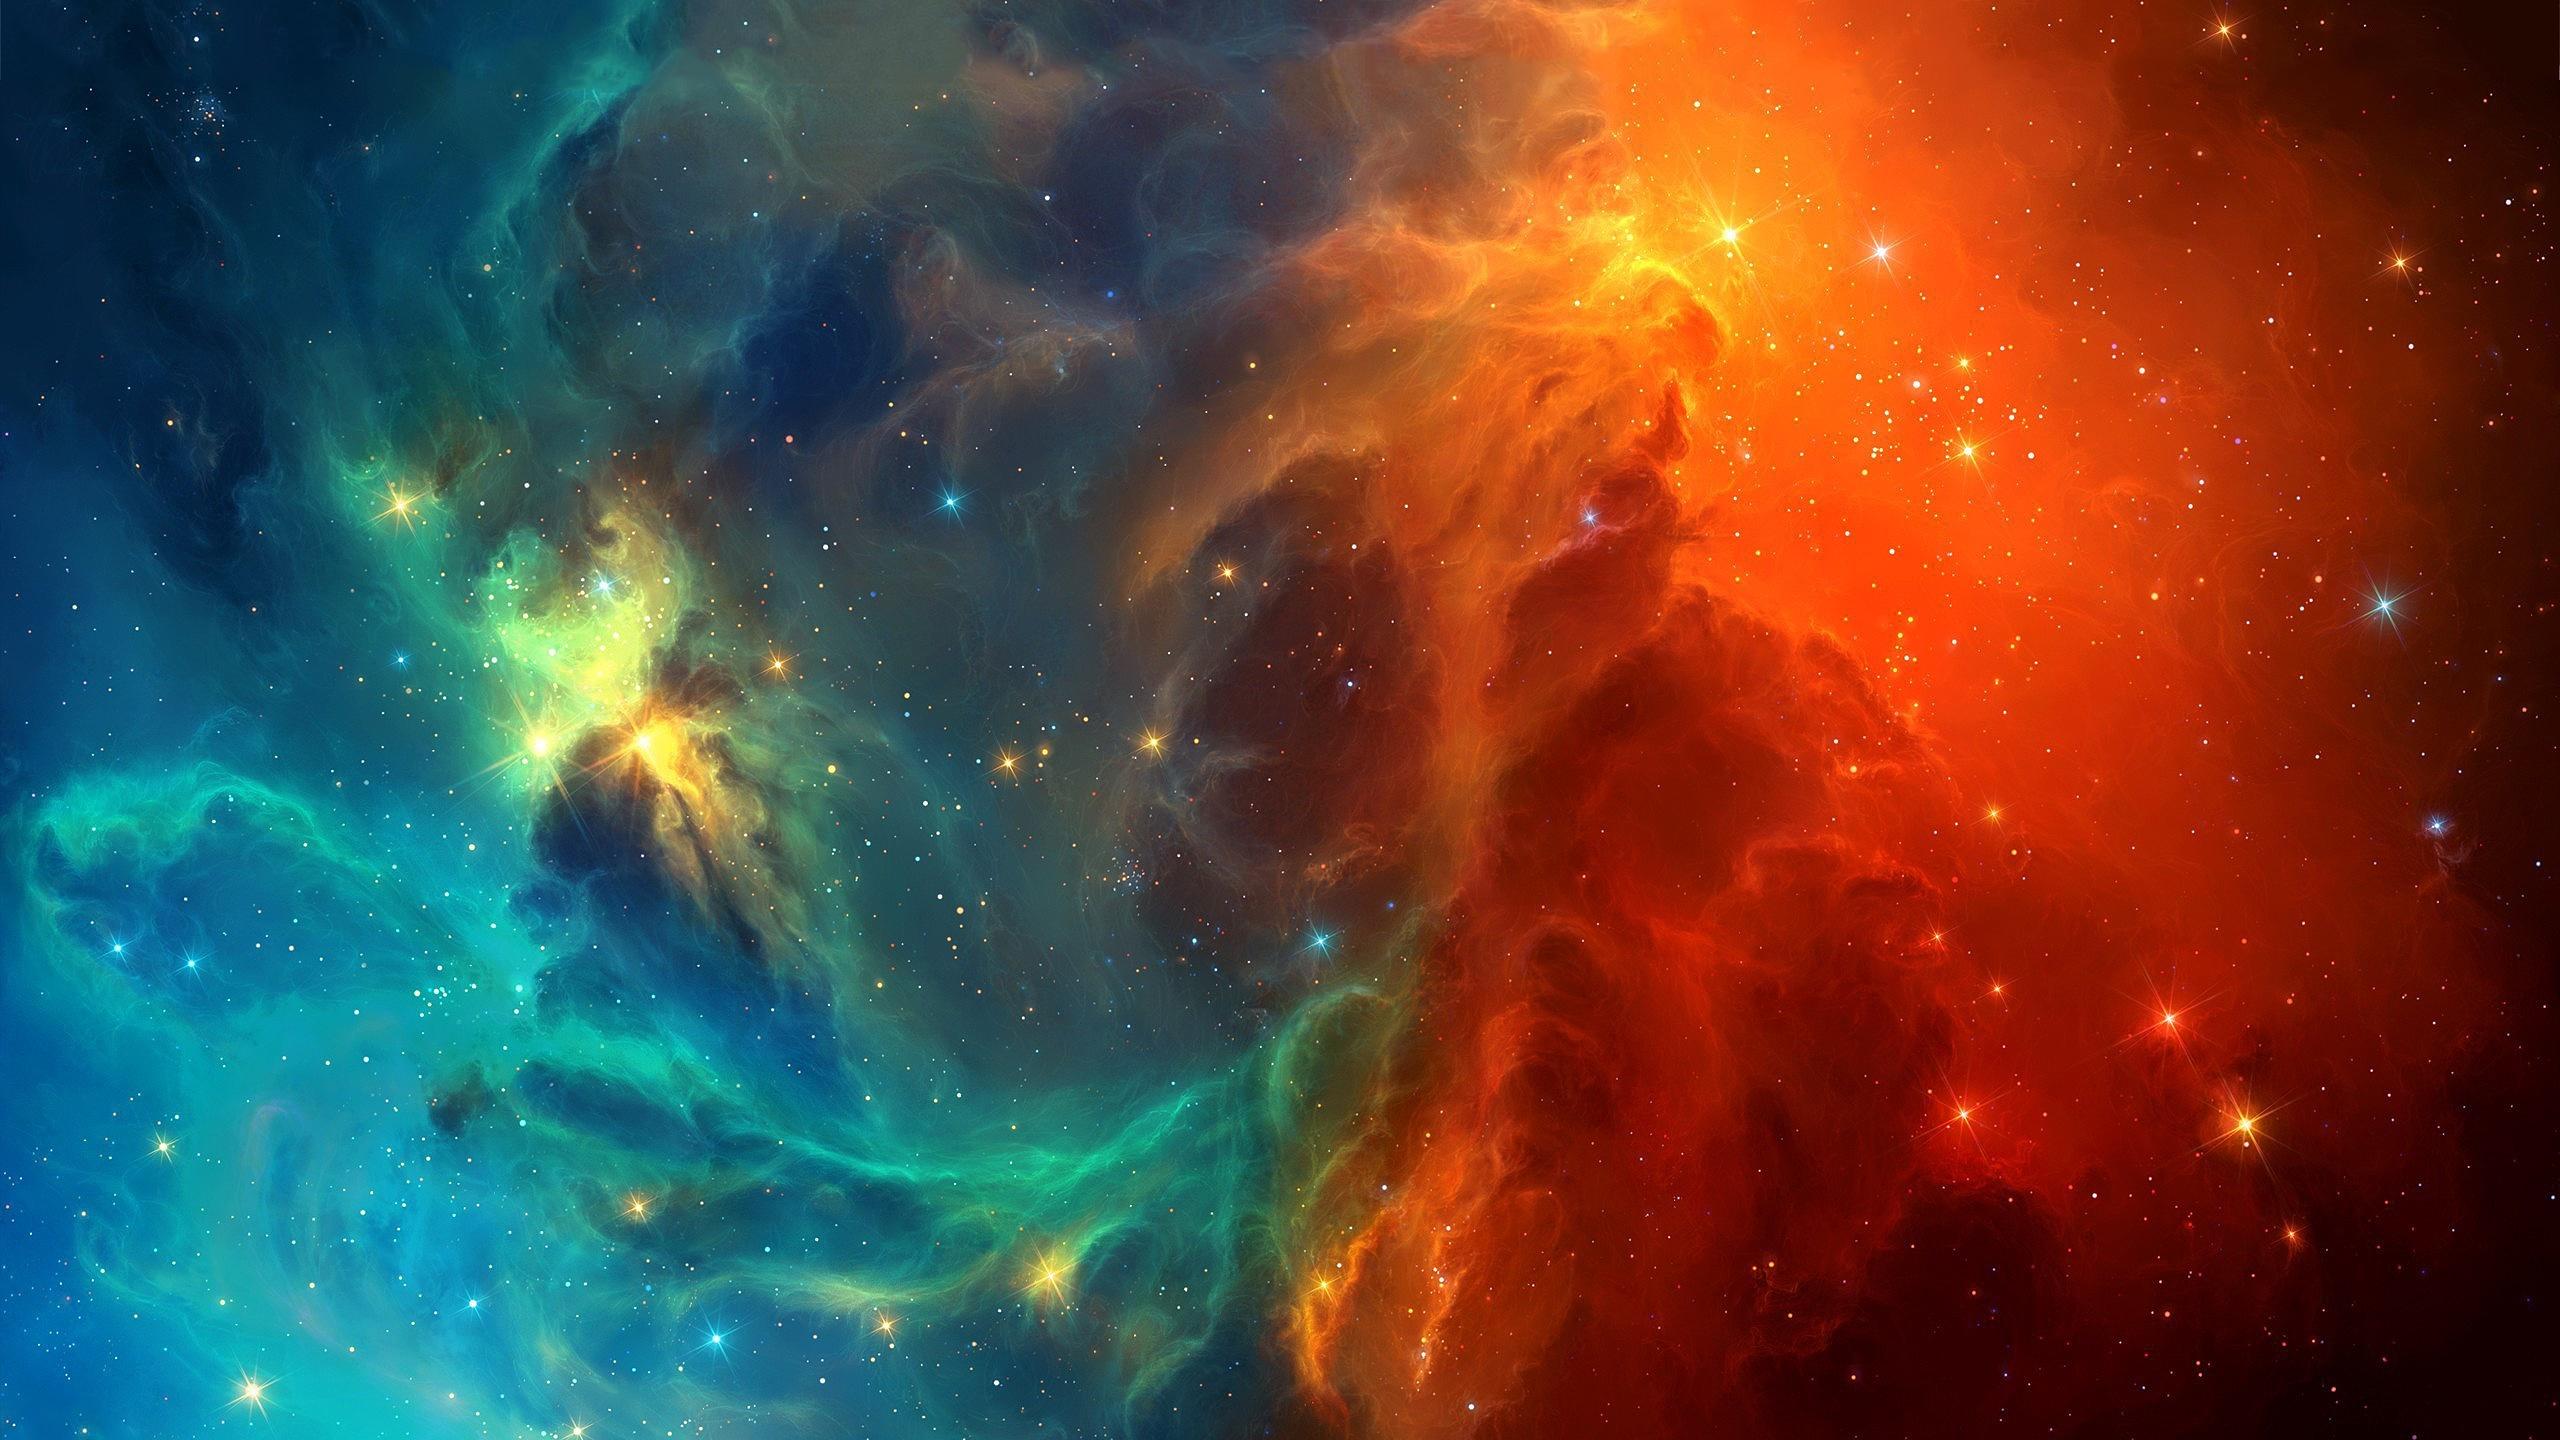 nebula 2560x1440 - photo #16